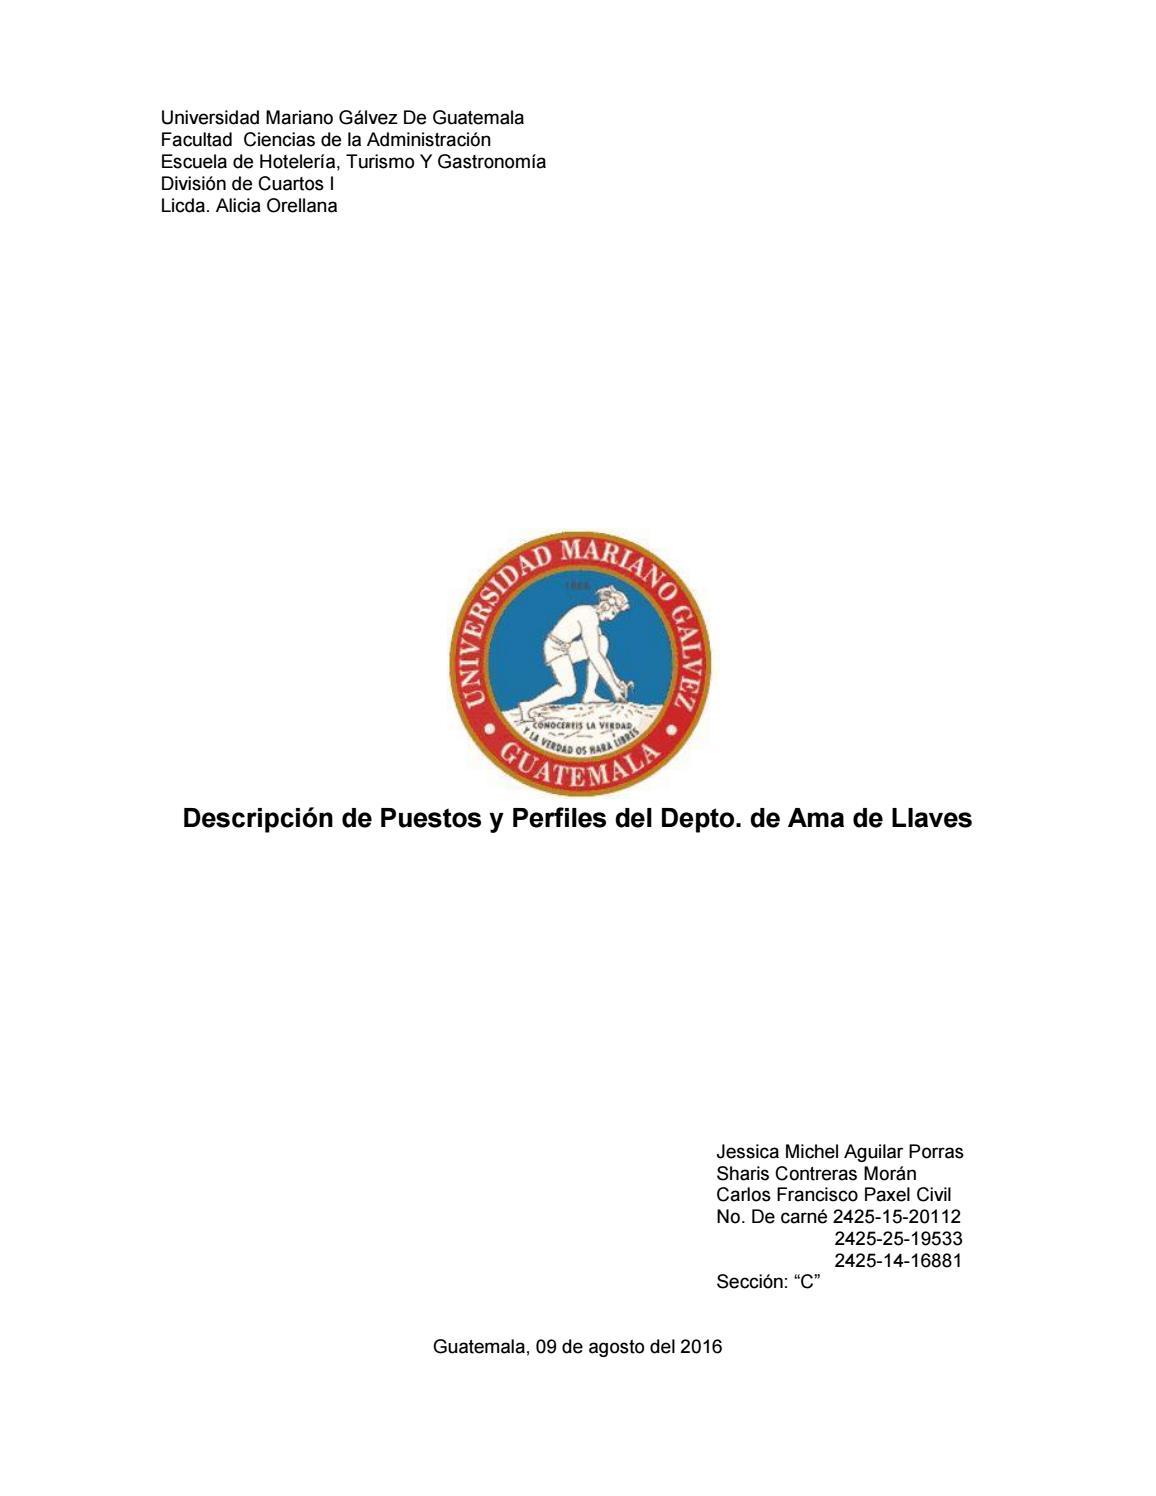 Descripción de puestos ama de llaves by Michel Aguilar - issuu